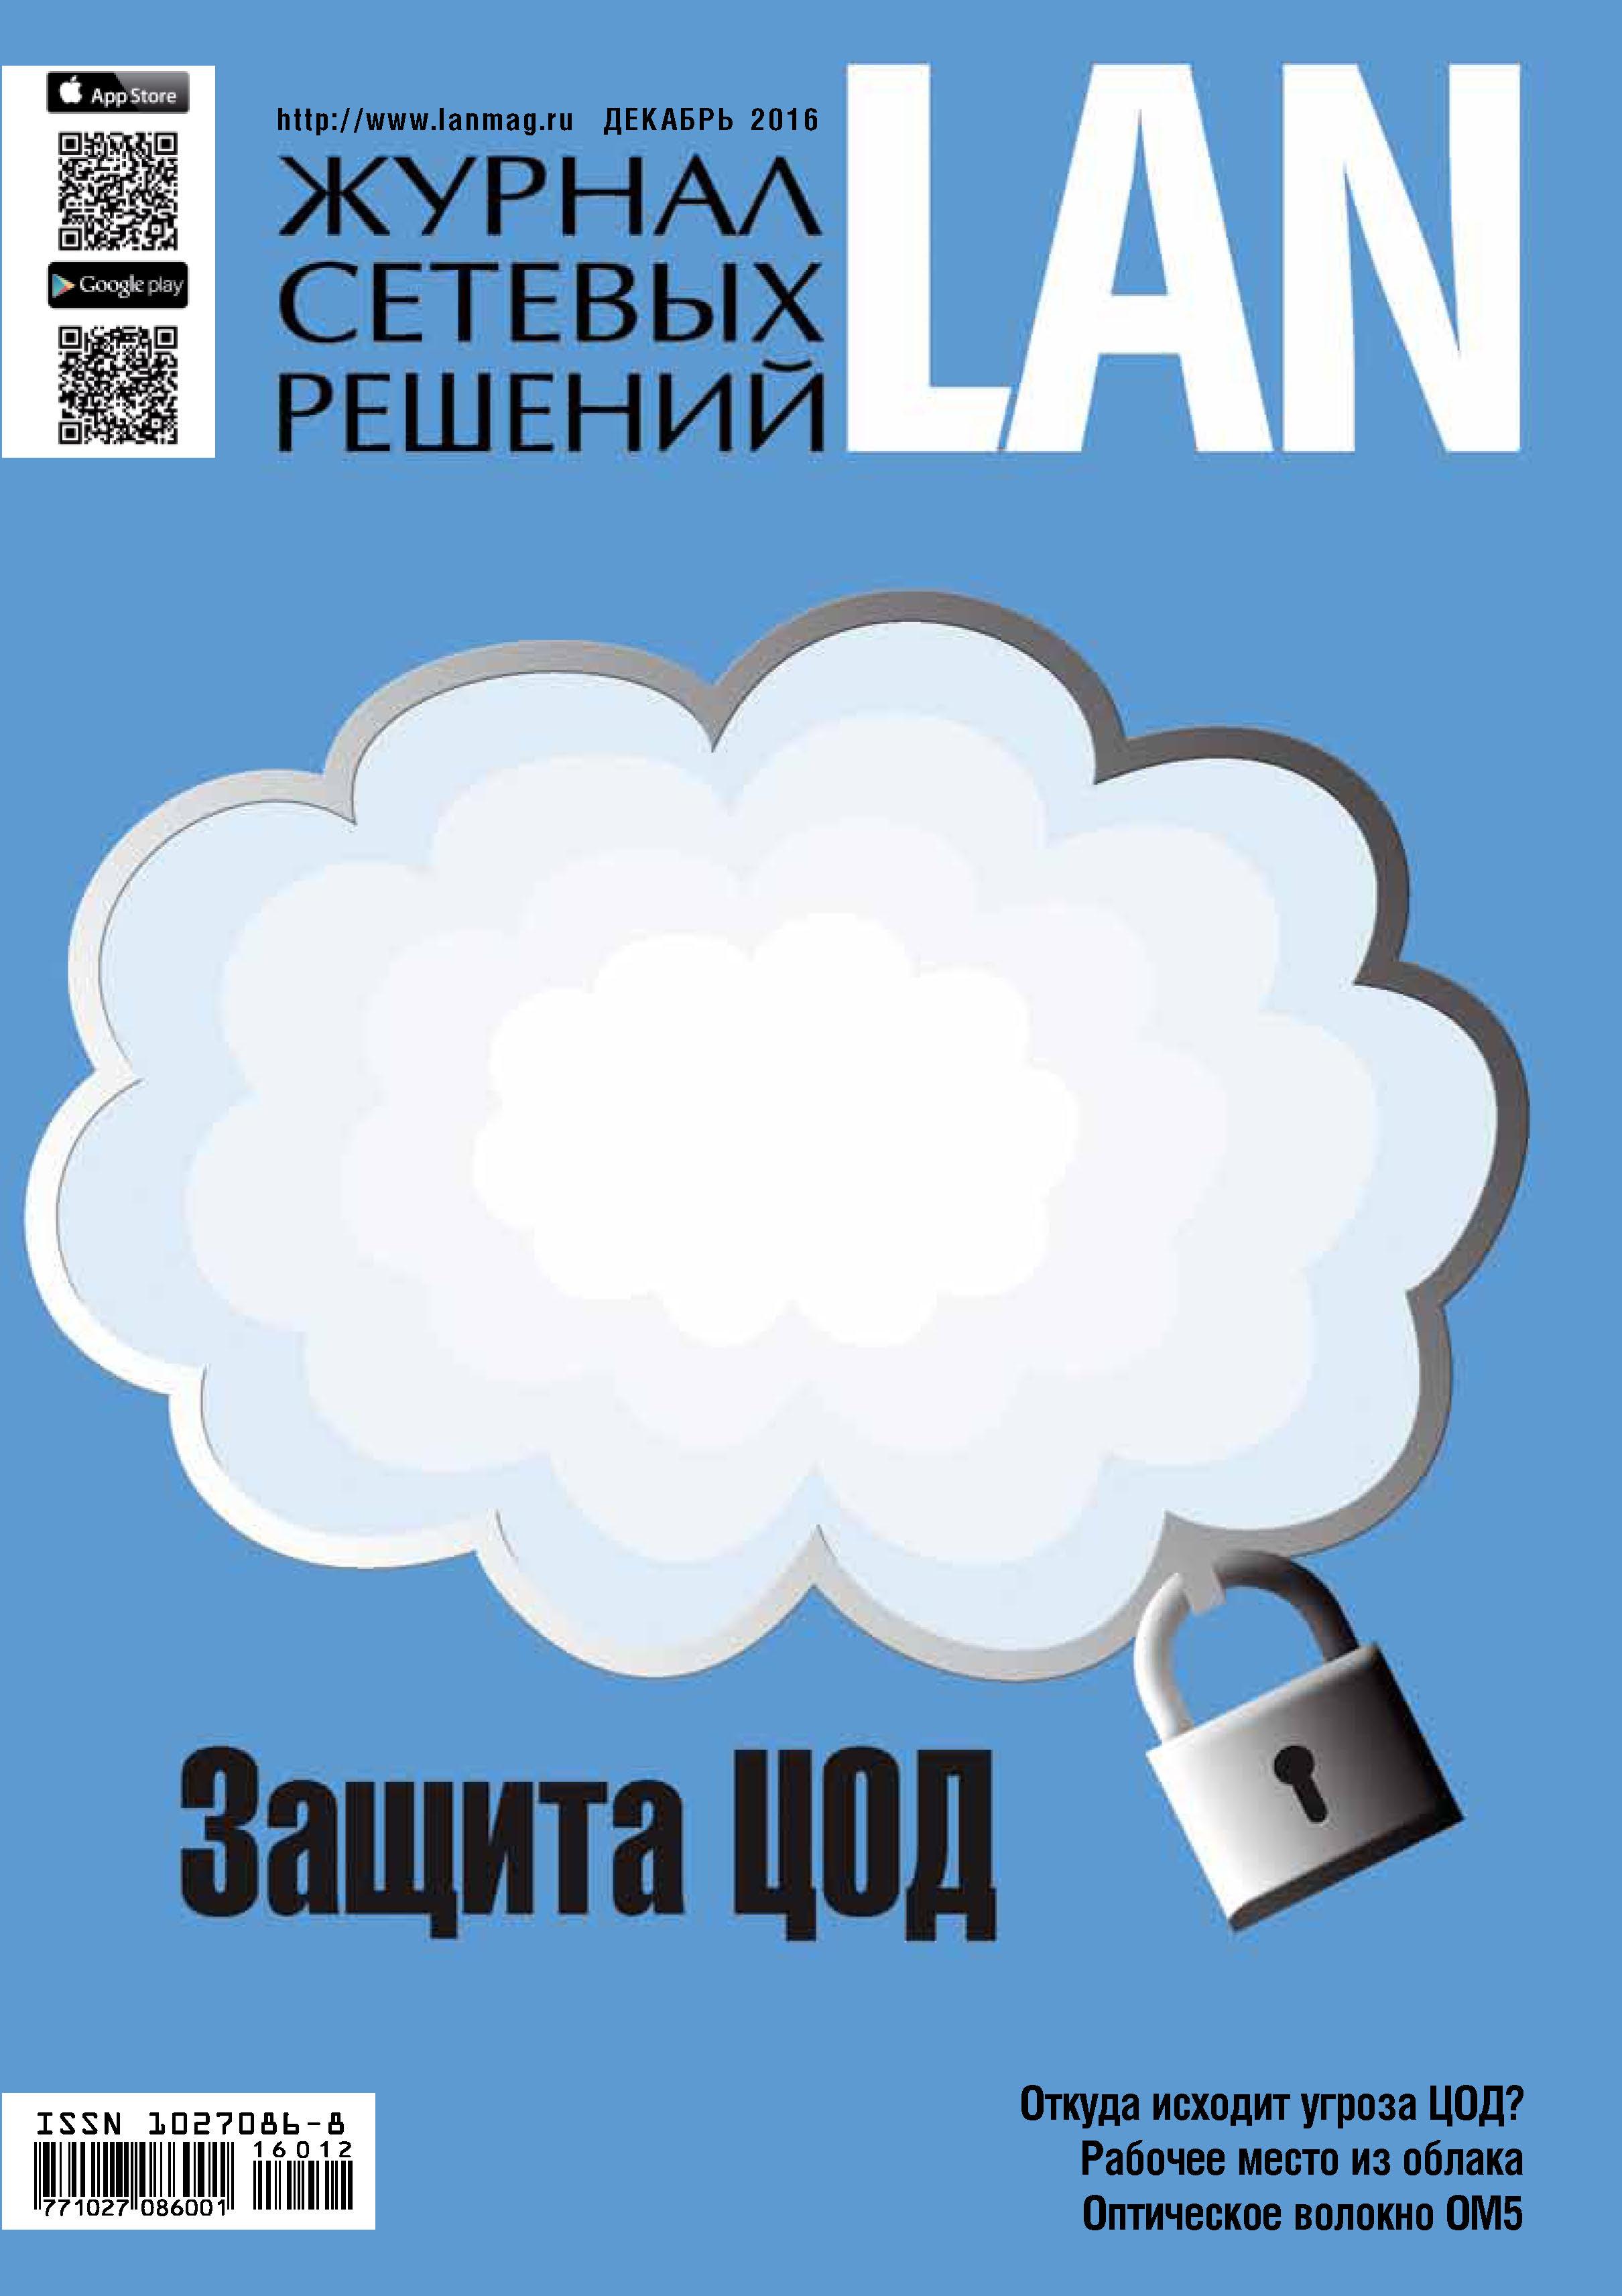 Открытые системы Журнал сетевых решений / LAN №12/2016 открытые системы журнал сетевых решений lan 12 2015